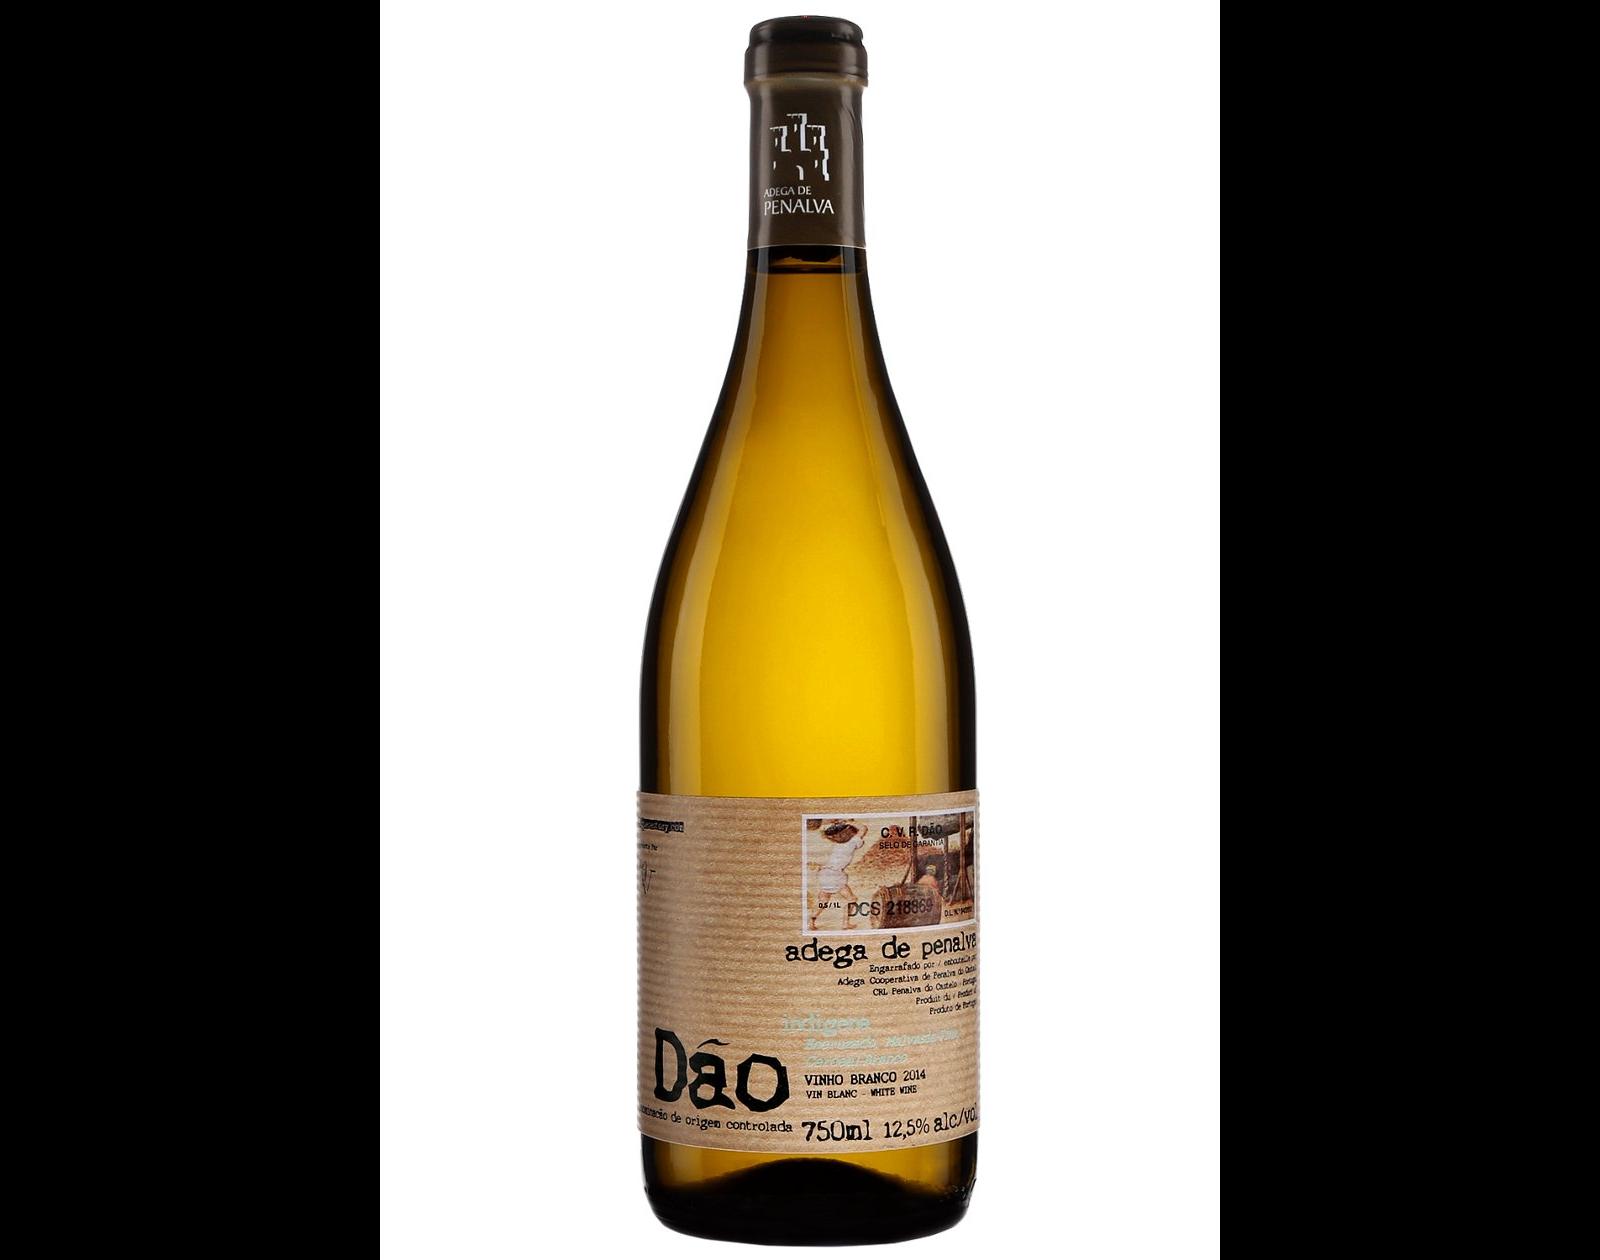 bouteille de vin blanc Adega de Penalva Dao 2017